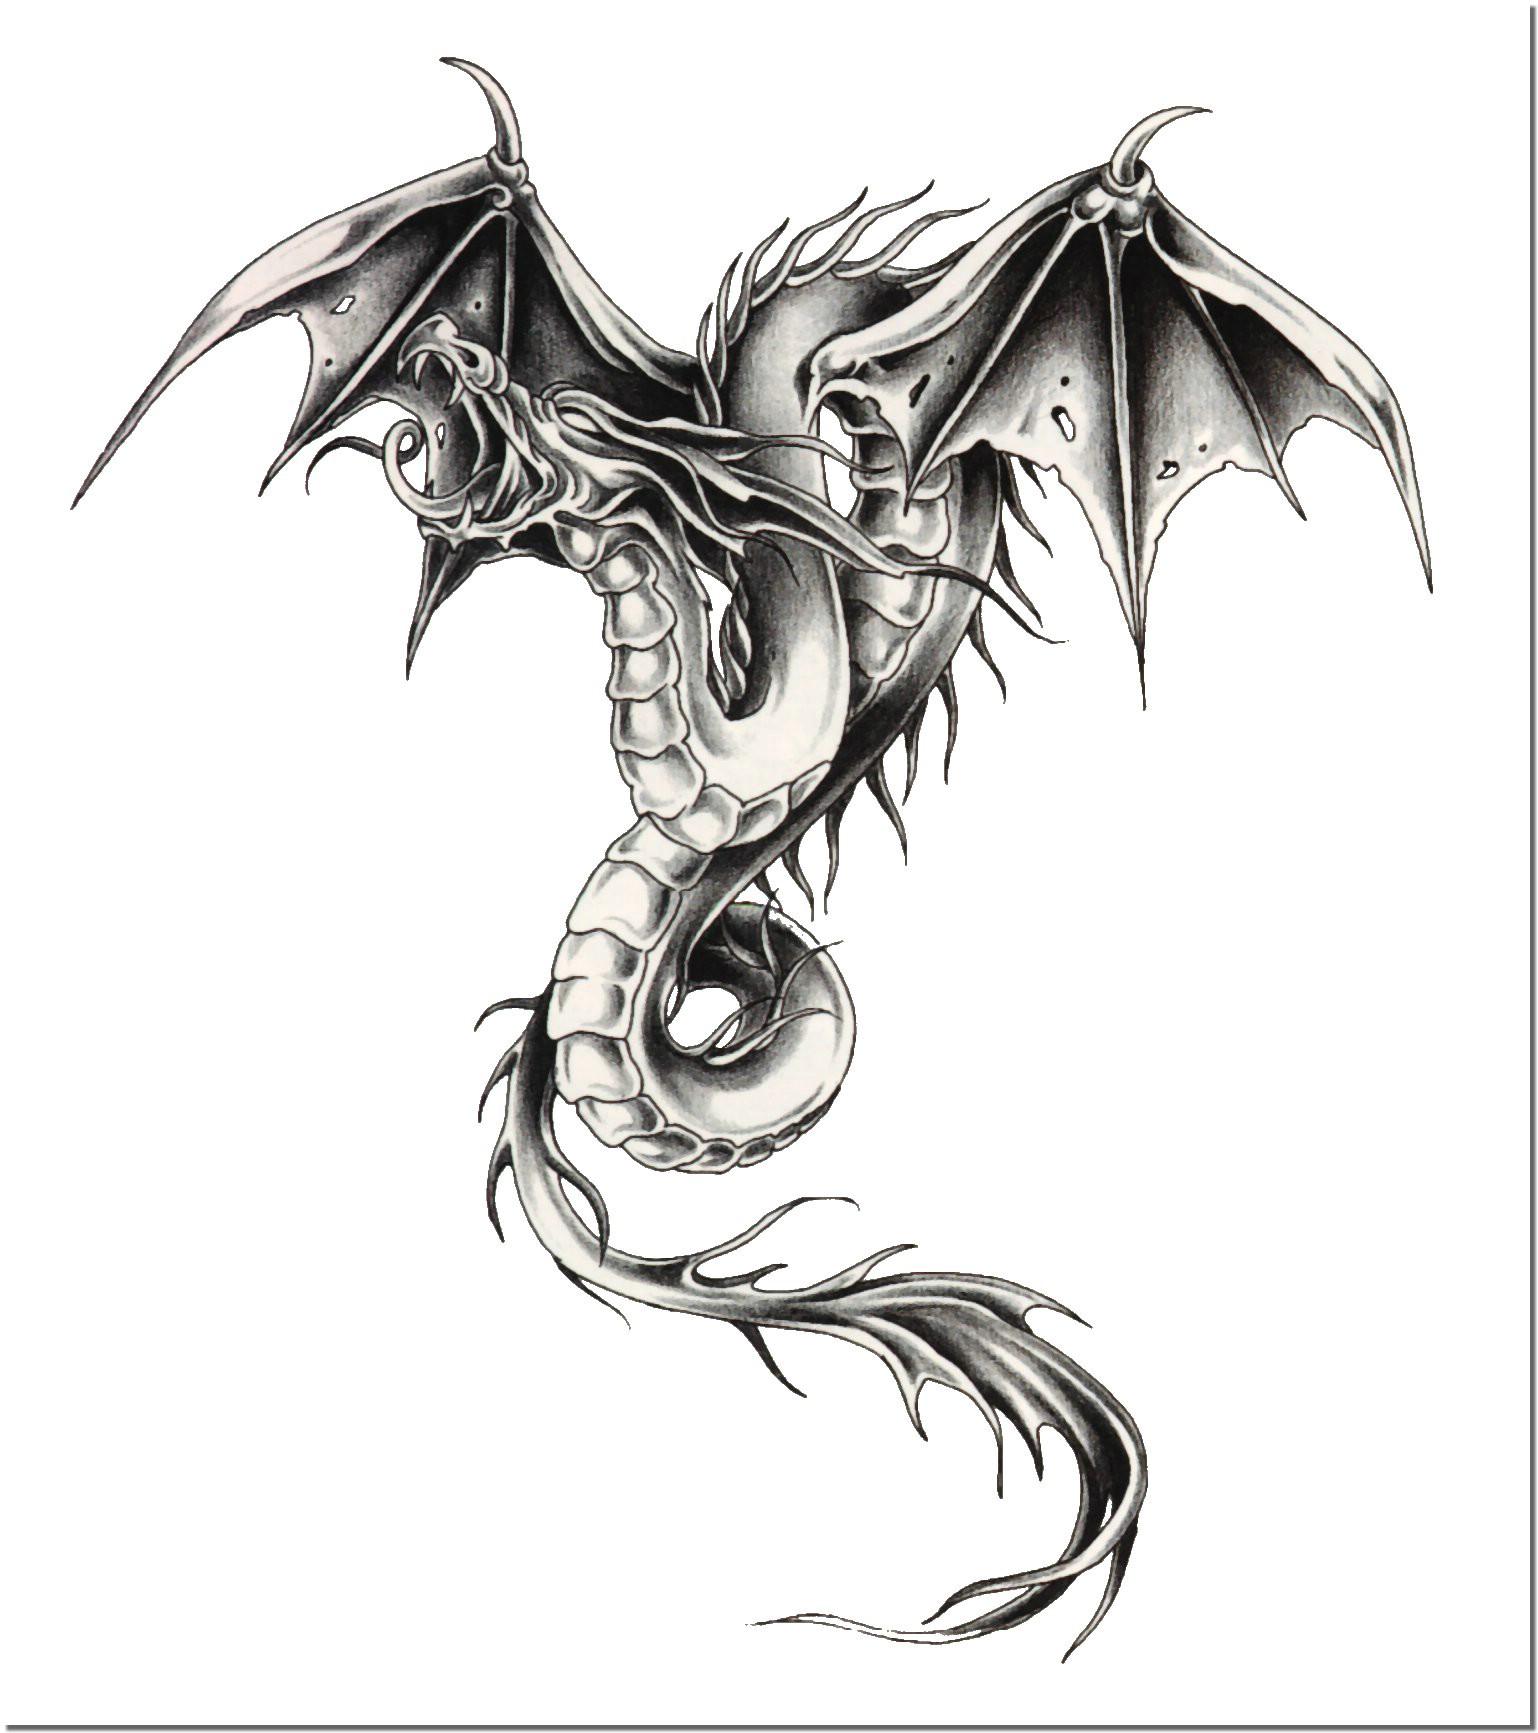 наколка дракон значение в тюрьме